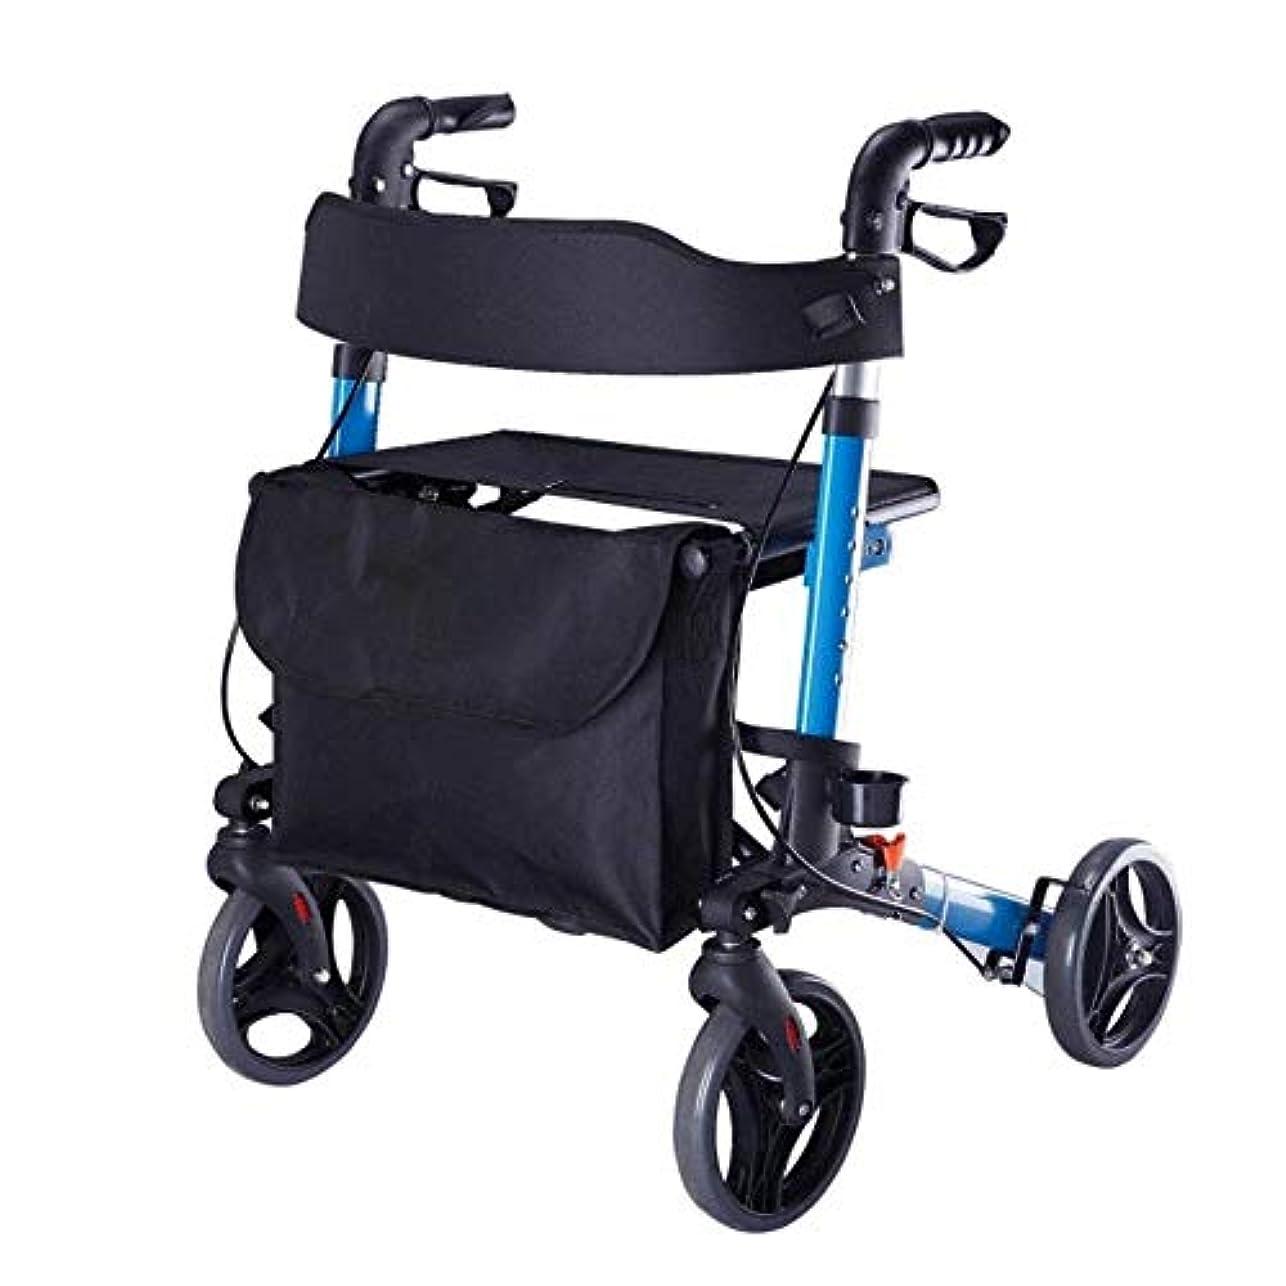 ヒロイック再撮りのヒープ滑車が付いている歩行補助装置、より古いおよび傷つけられたのための多機能の年配の歩行者のアルミ合金の歩行者 (Color : 黒)